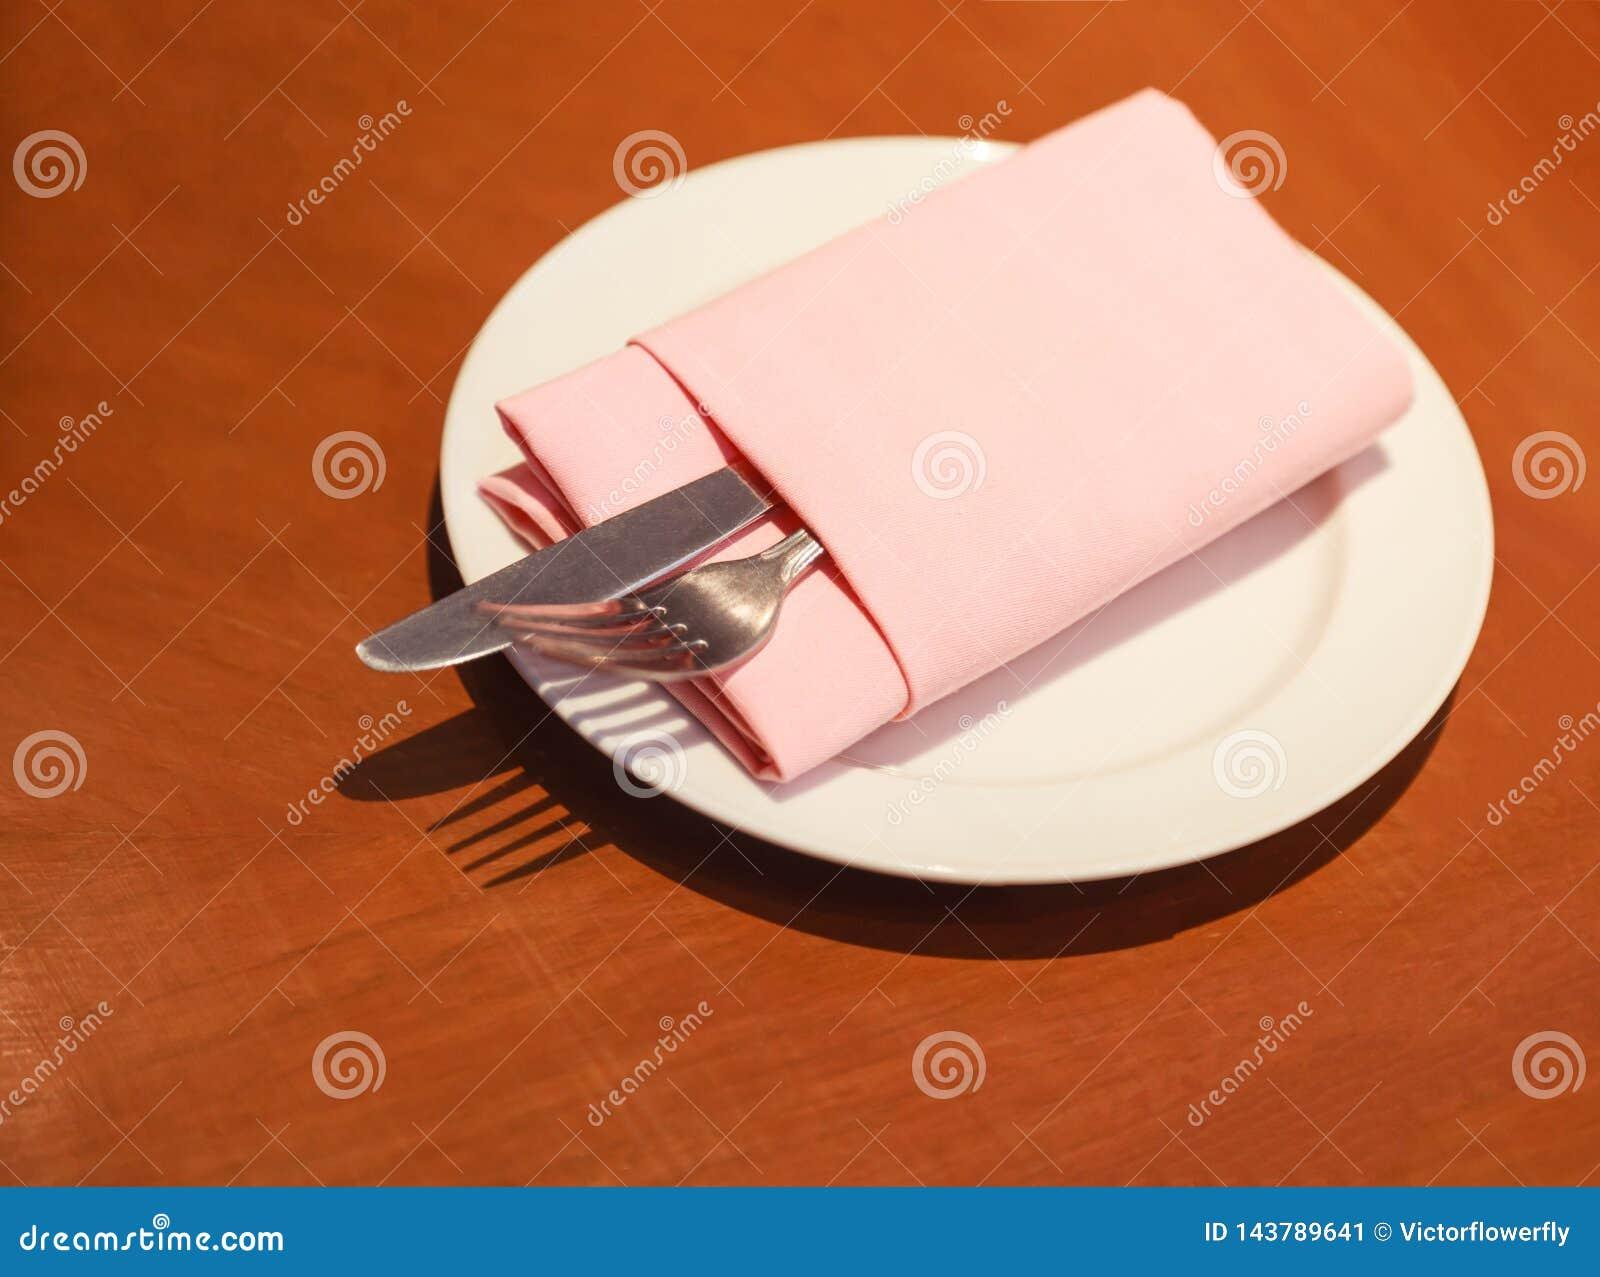 Пастельная складчатость serviette салфетки ткани с ножом столового прибора, вилкой, silverware в белой плите подготовленной на де